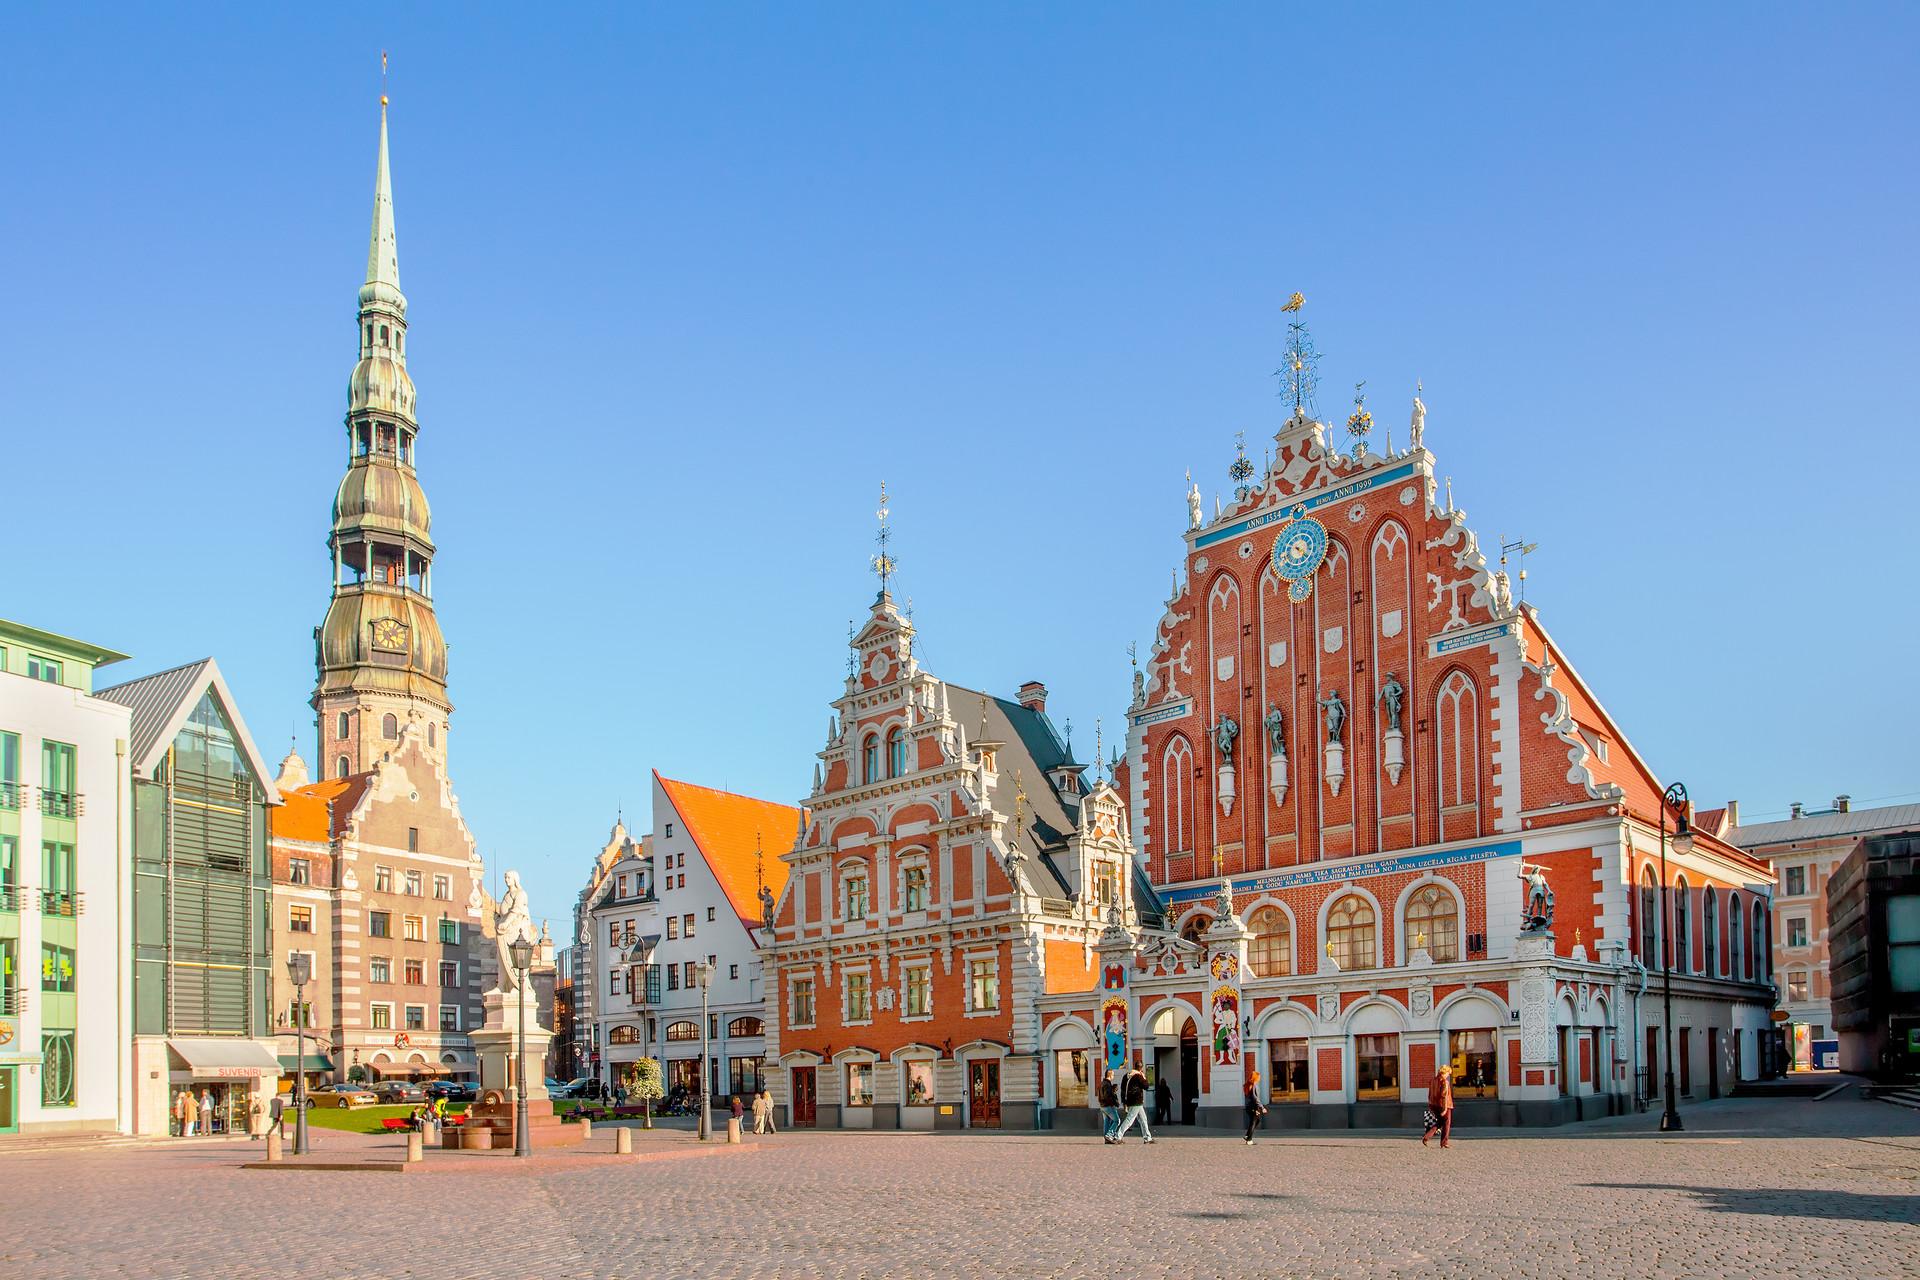 Erfahrung in Riga, Lettland - von Liga